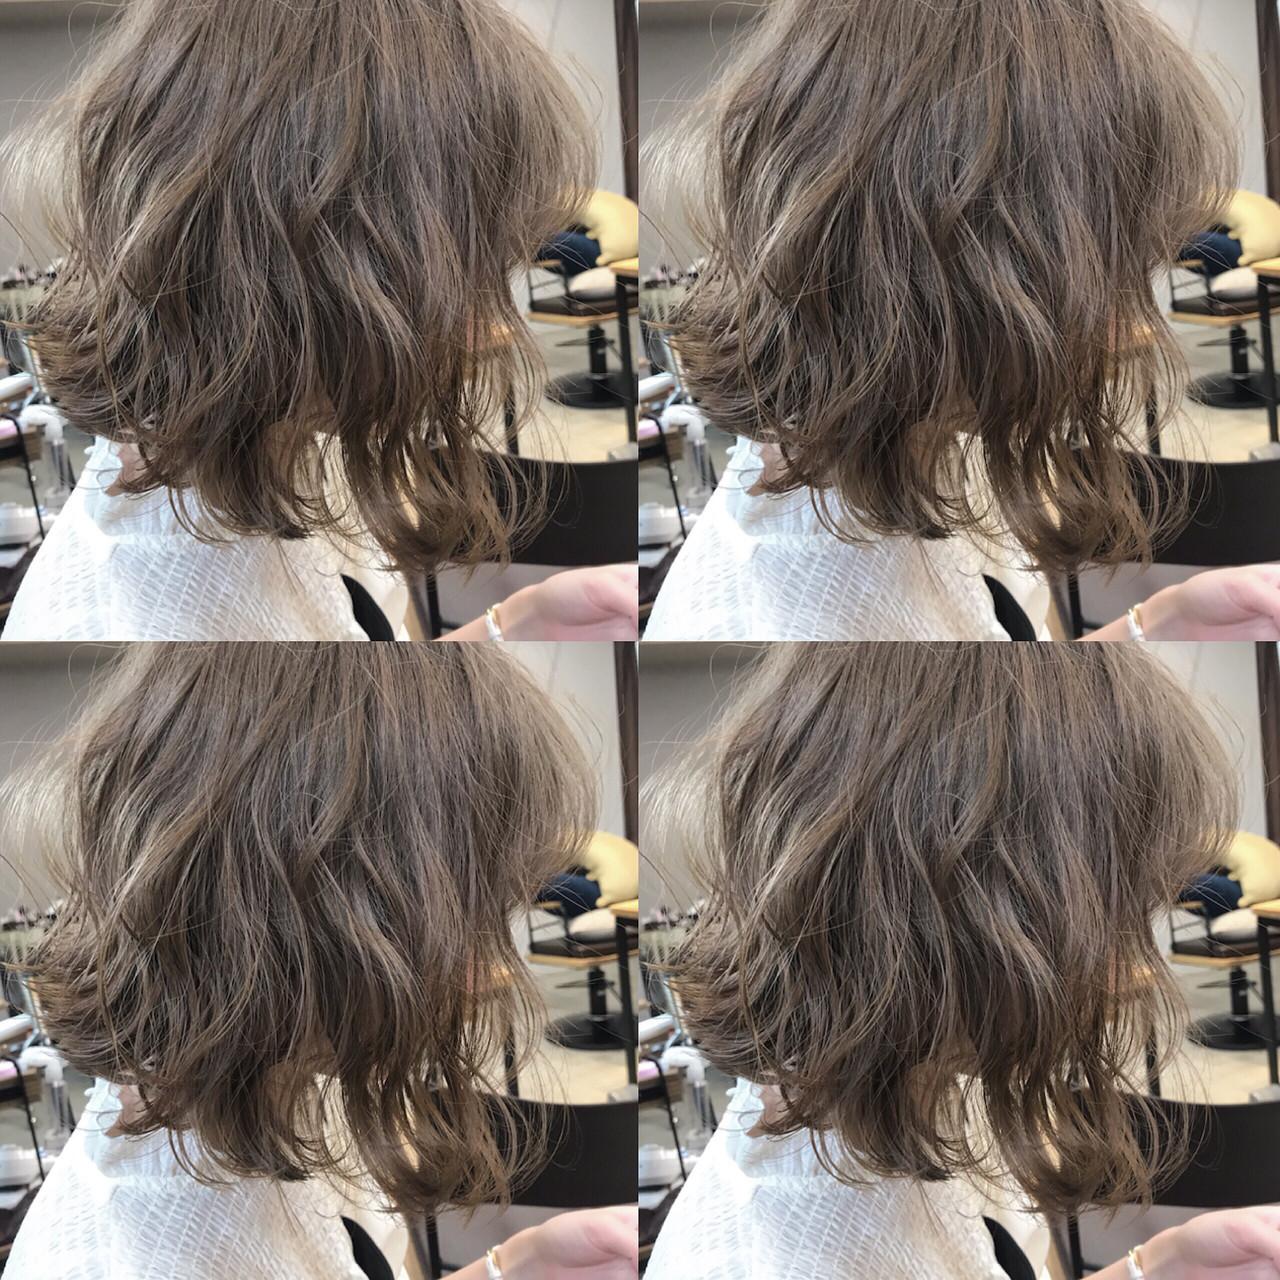 ハイトーンカラー ダブルカラー ミルクティーベージュ ストリート ヘアスタイルや髪型の写真・画像